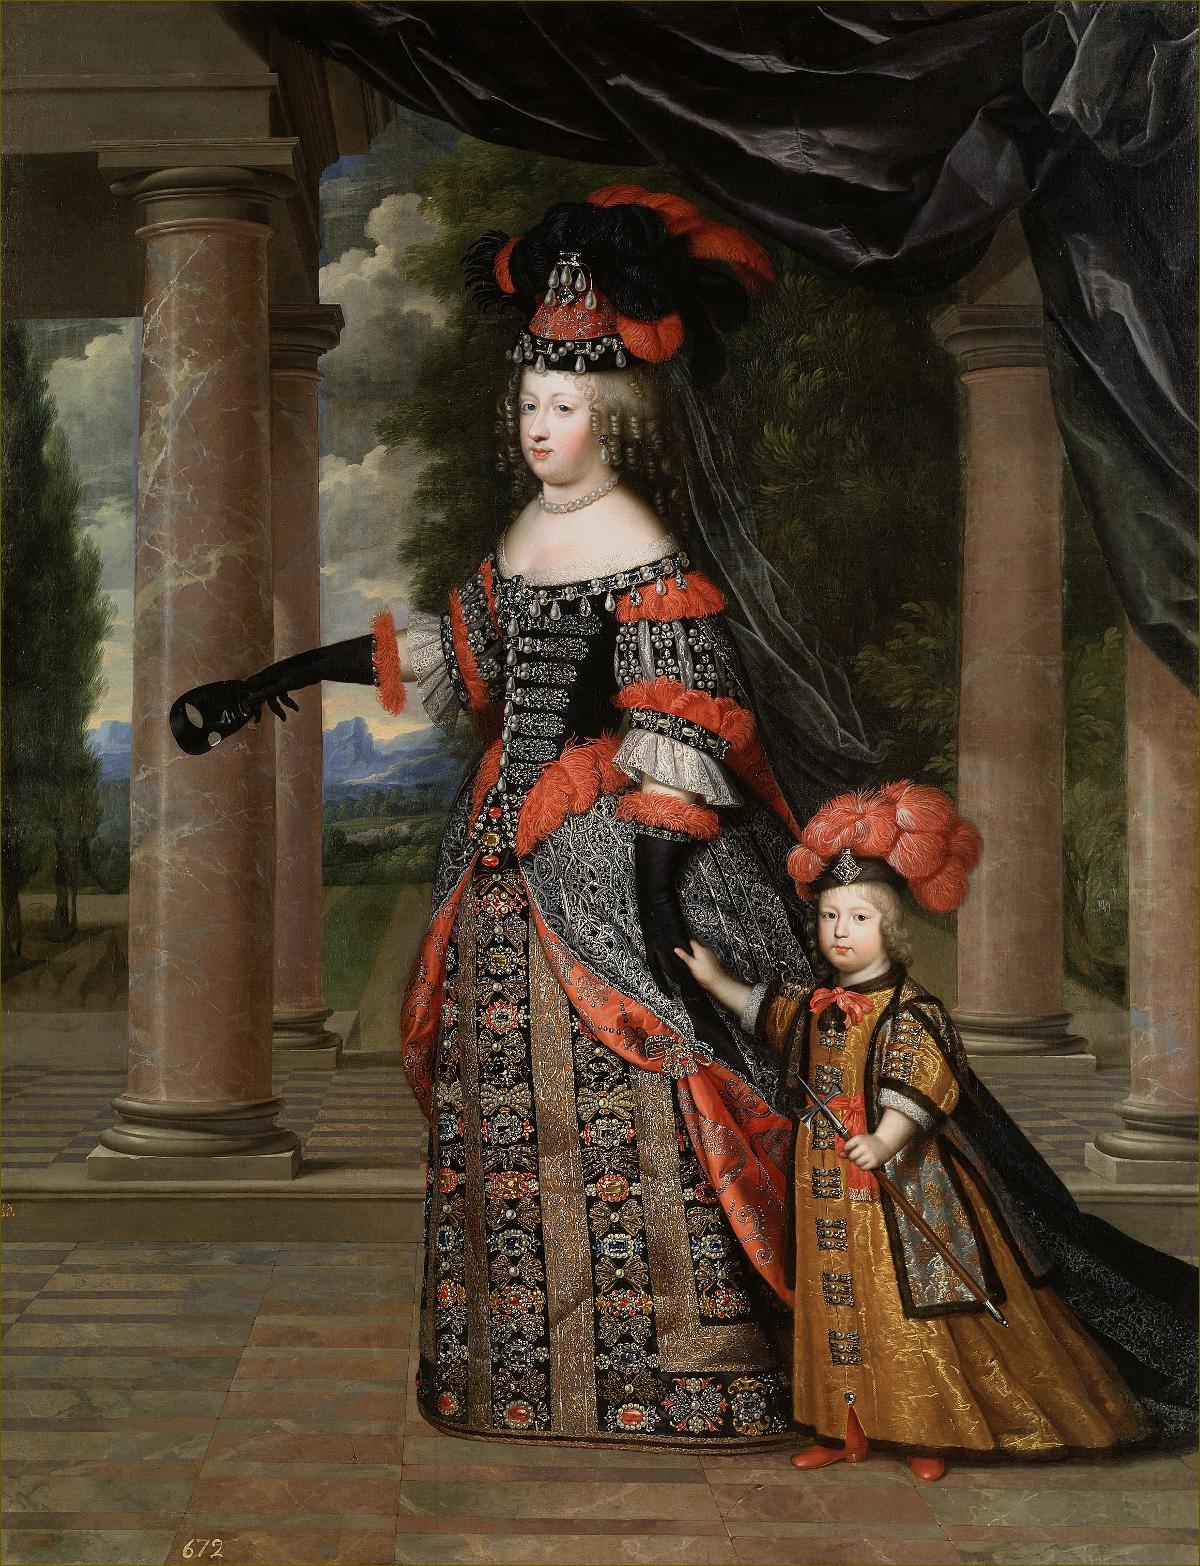 Marie-Thérèse d'Autriche, infante d'Espagne, reine de France, avec son fils le Grand Dauphin, par Beaubrun (souvent attribué à tort à Mignard)